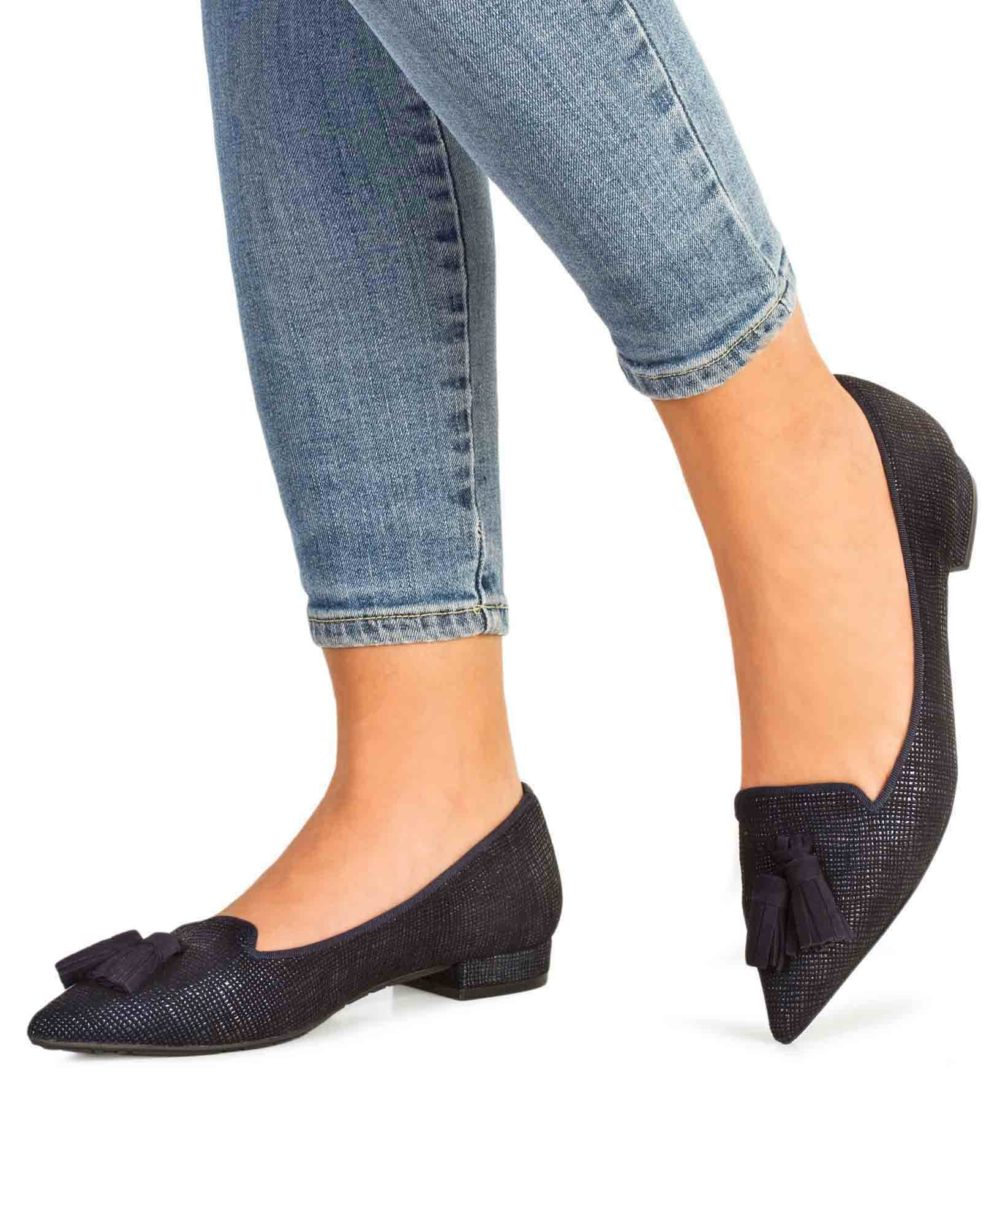 Zapatos de piel Paco Gil. P-3891 Marine Templo Piernas